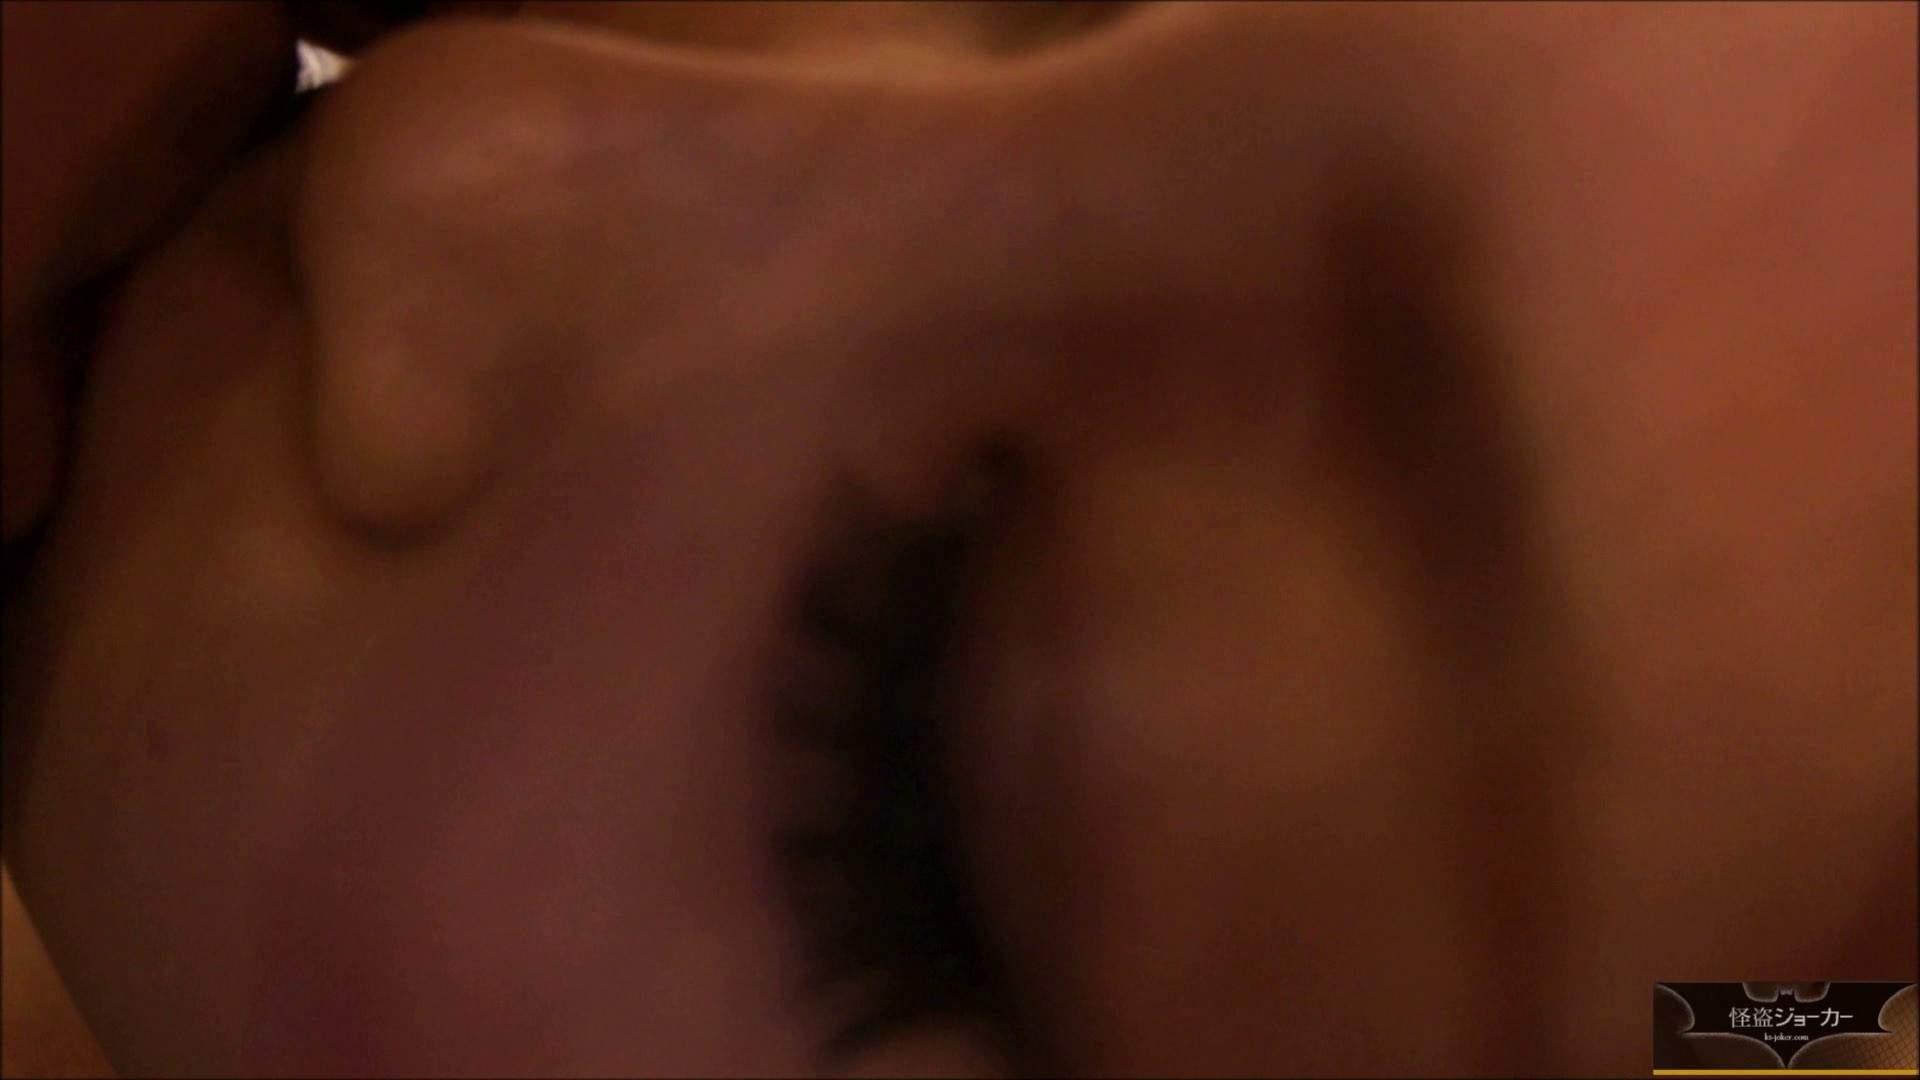 【未公開】vol.12【美人若妻】早苗さん②・・・求め、乱れ、イキっぱなし。 OLの実態  84pic 3